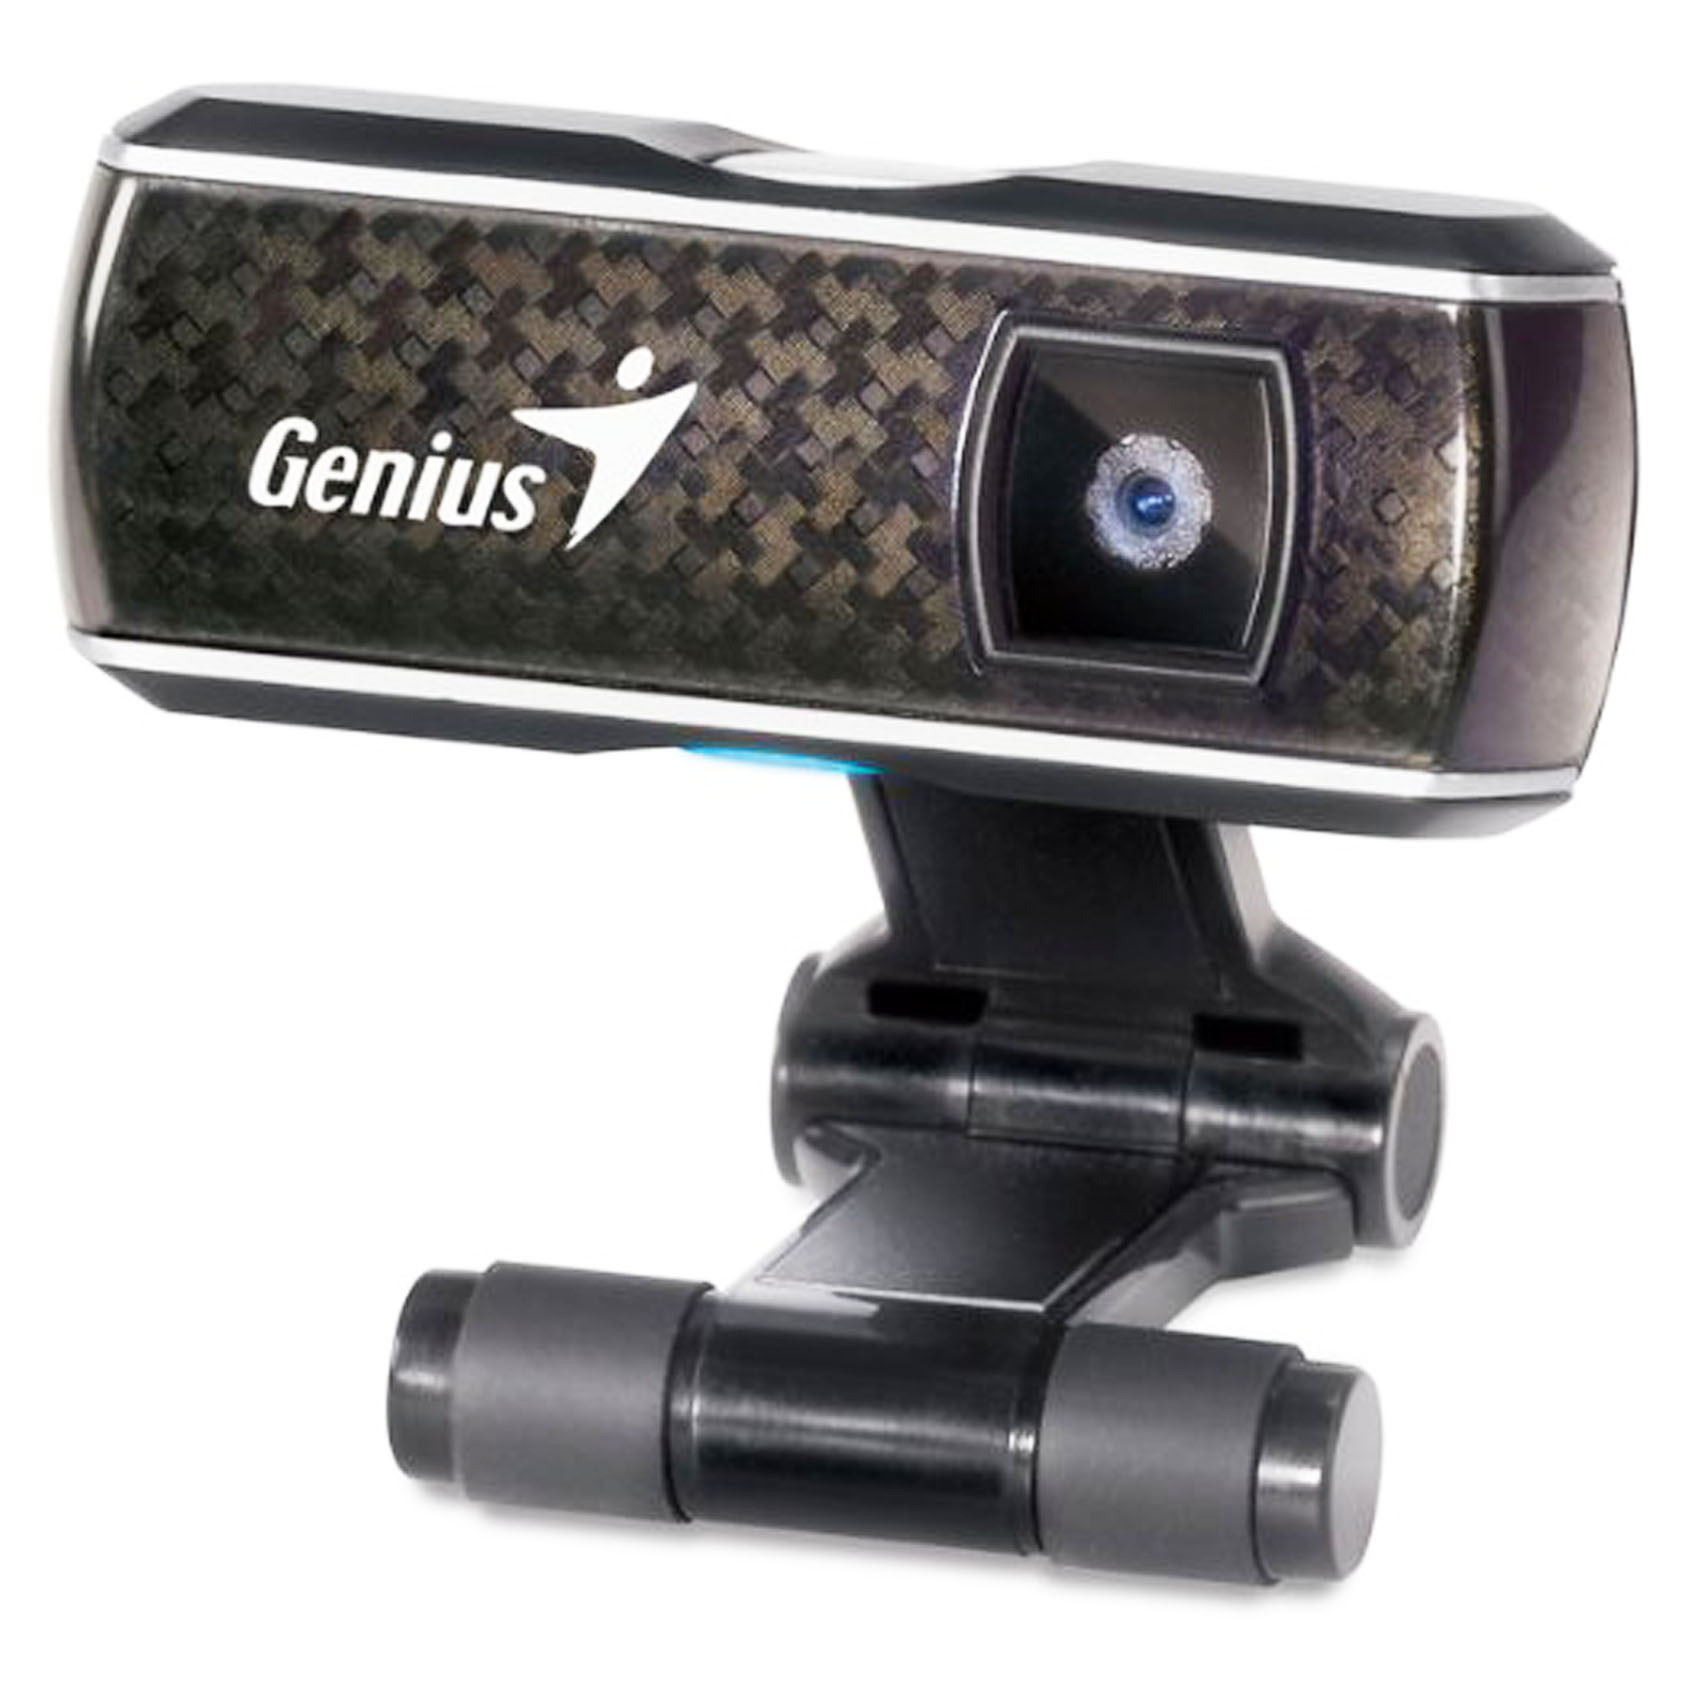 GENIUS WEBCAM FACECAM 3000 HD 3MP